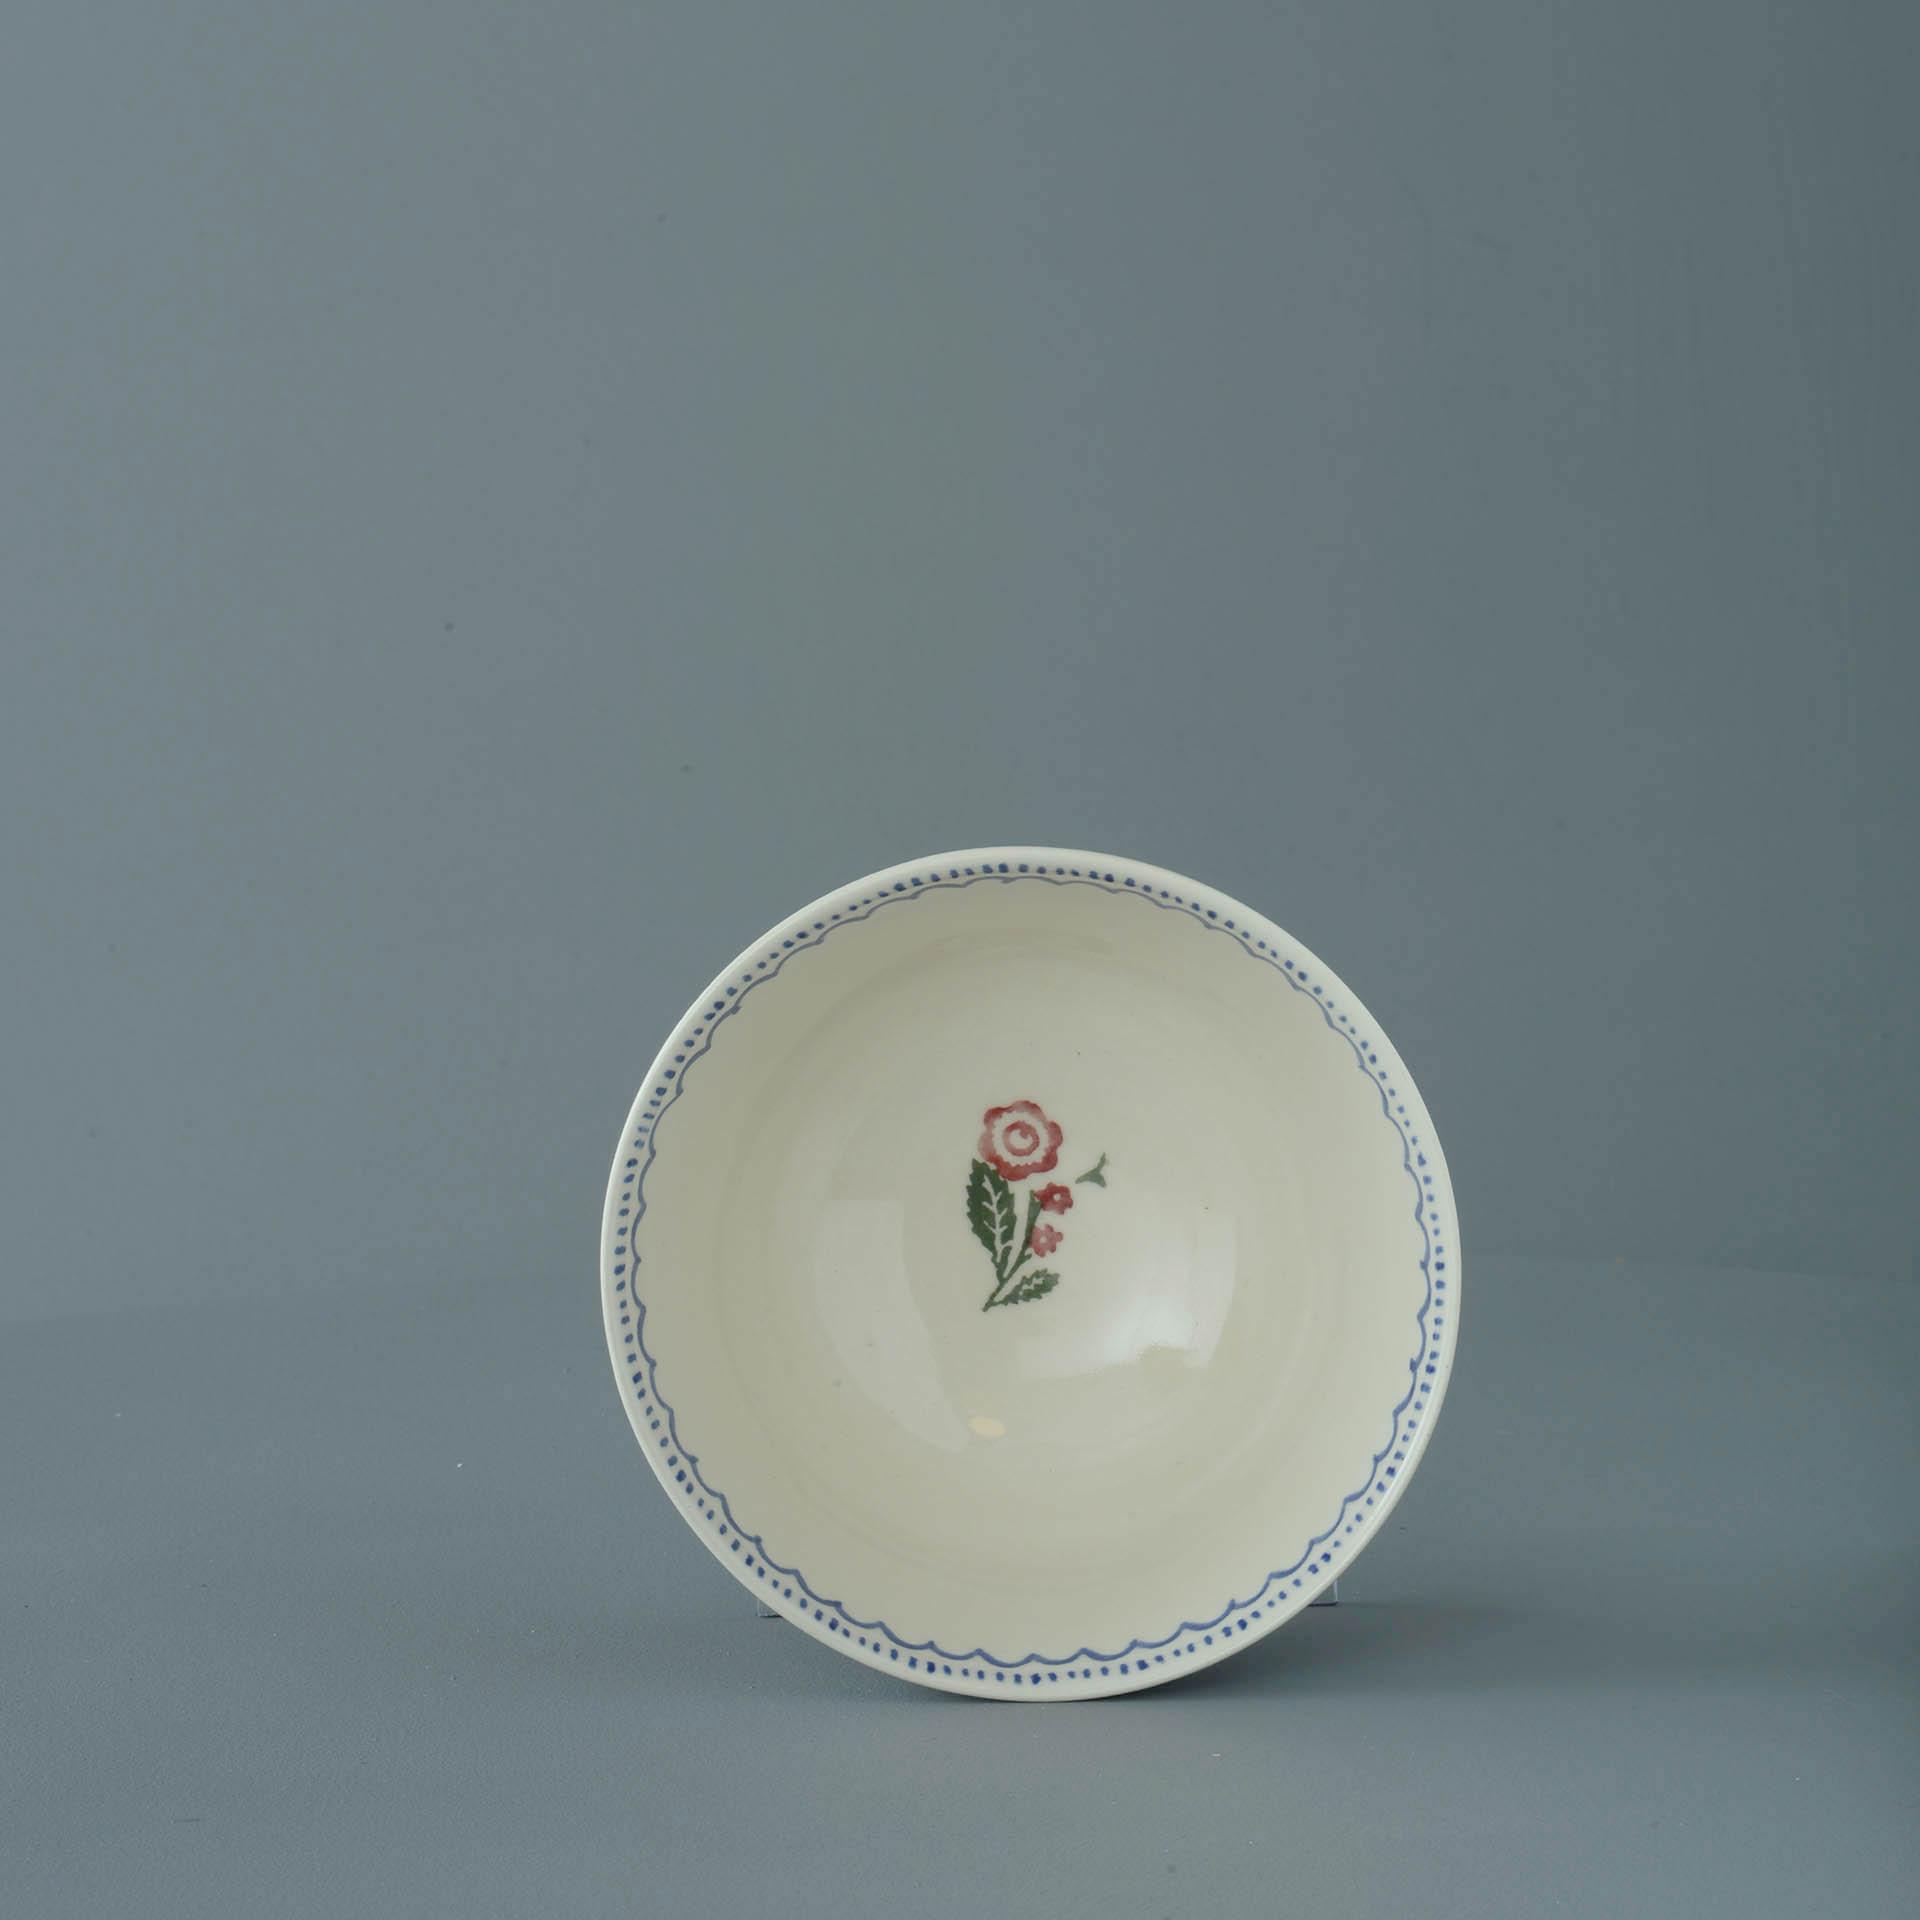 Creeping Briar Cereal Bowl 7 x 13cm